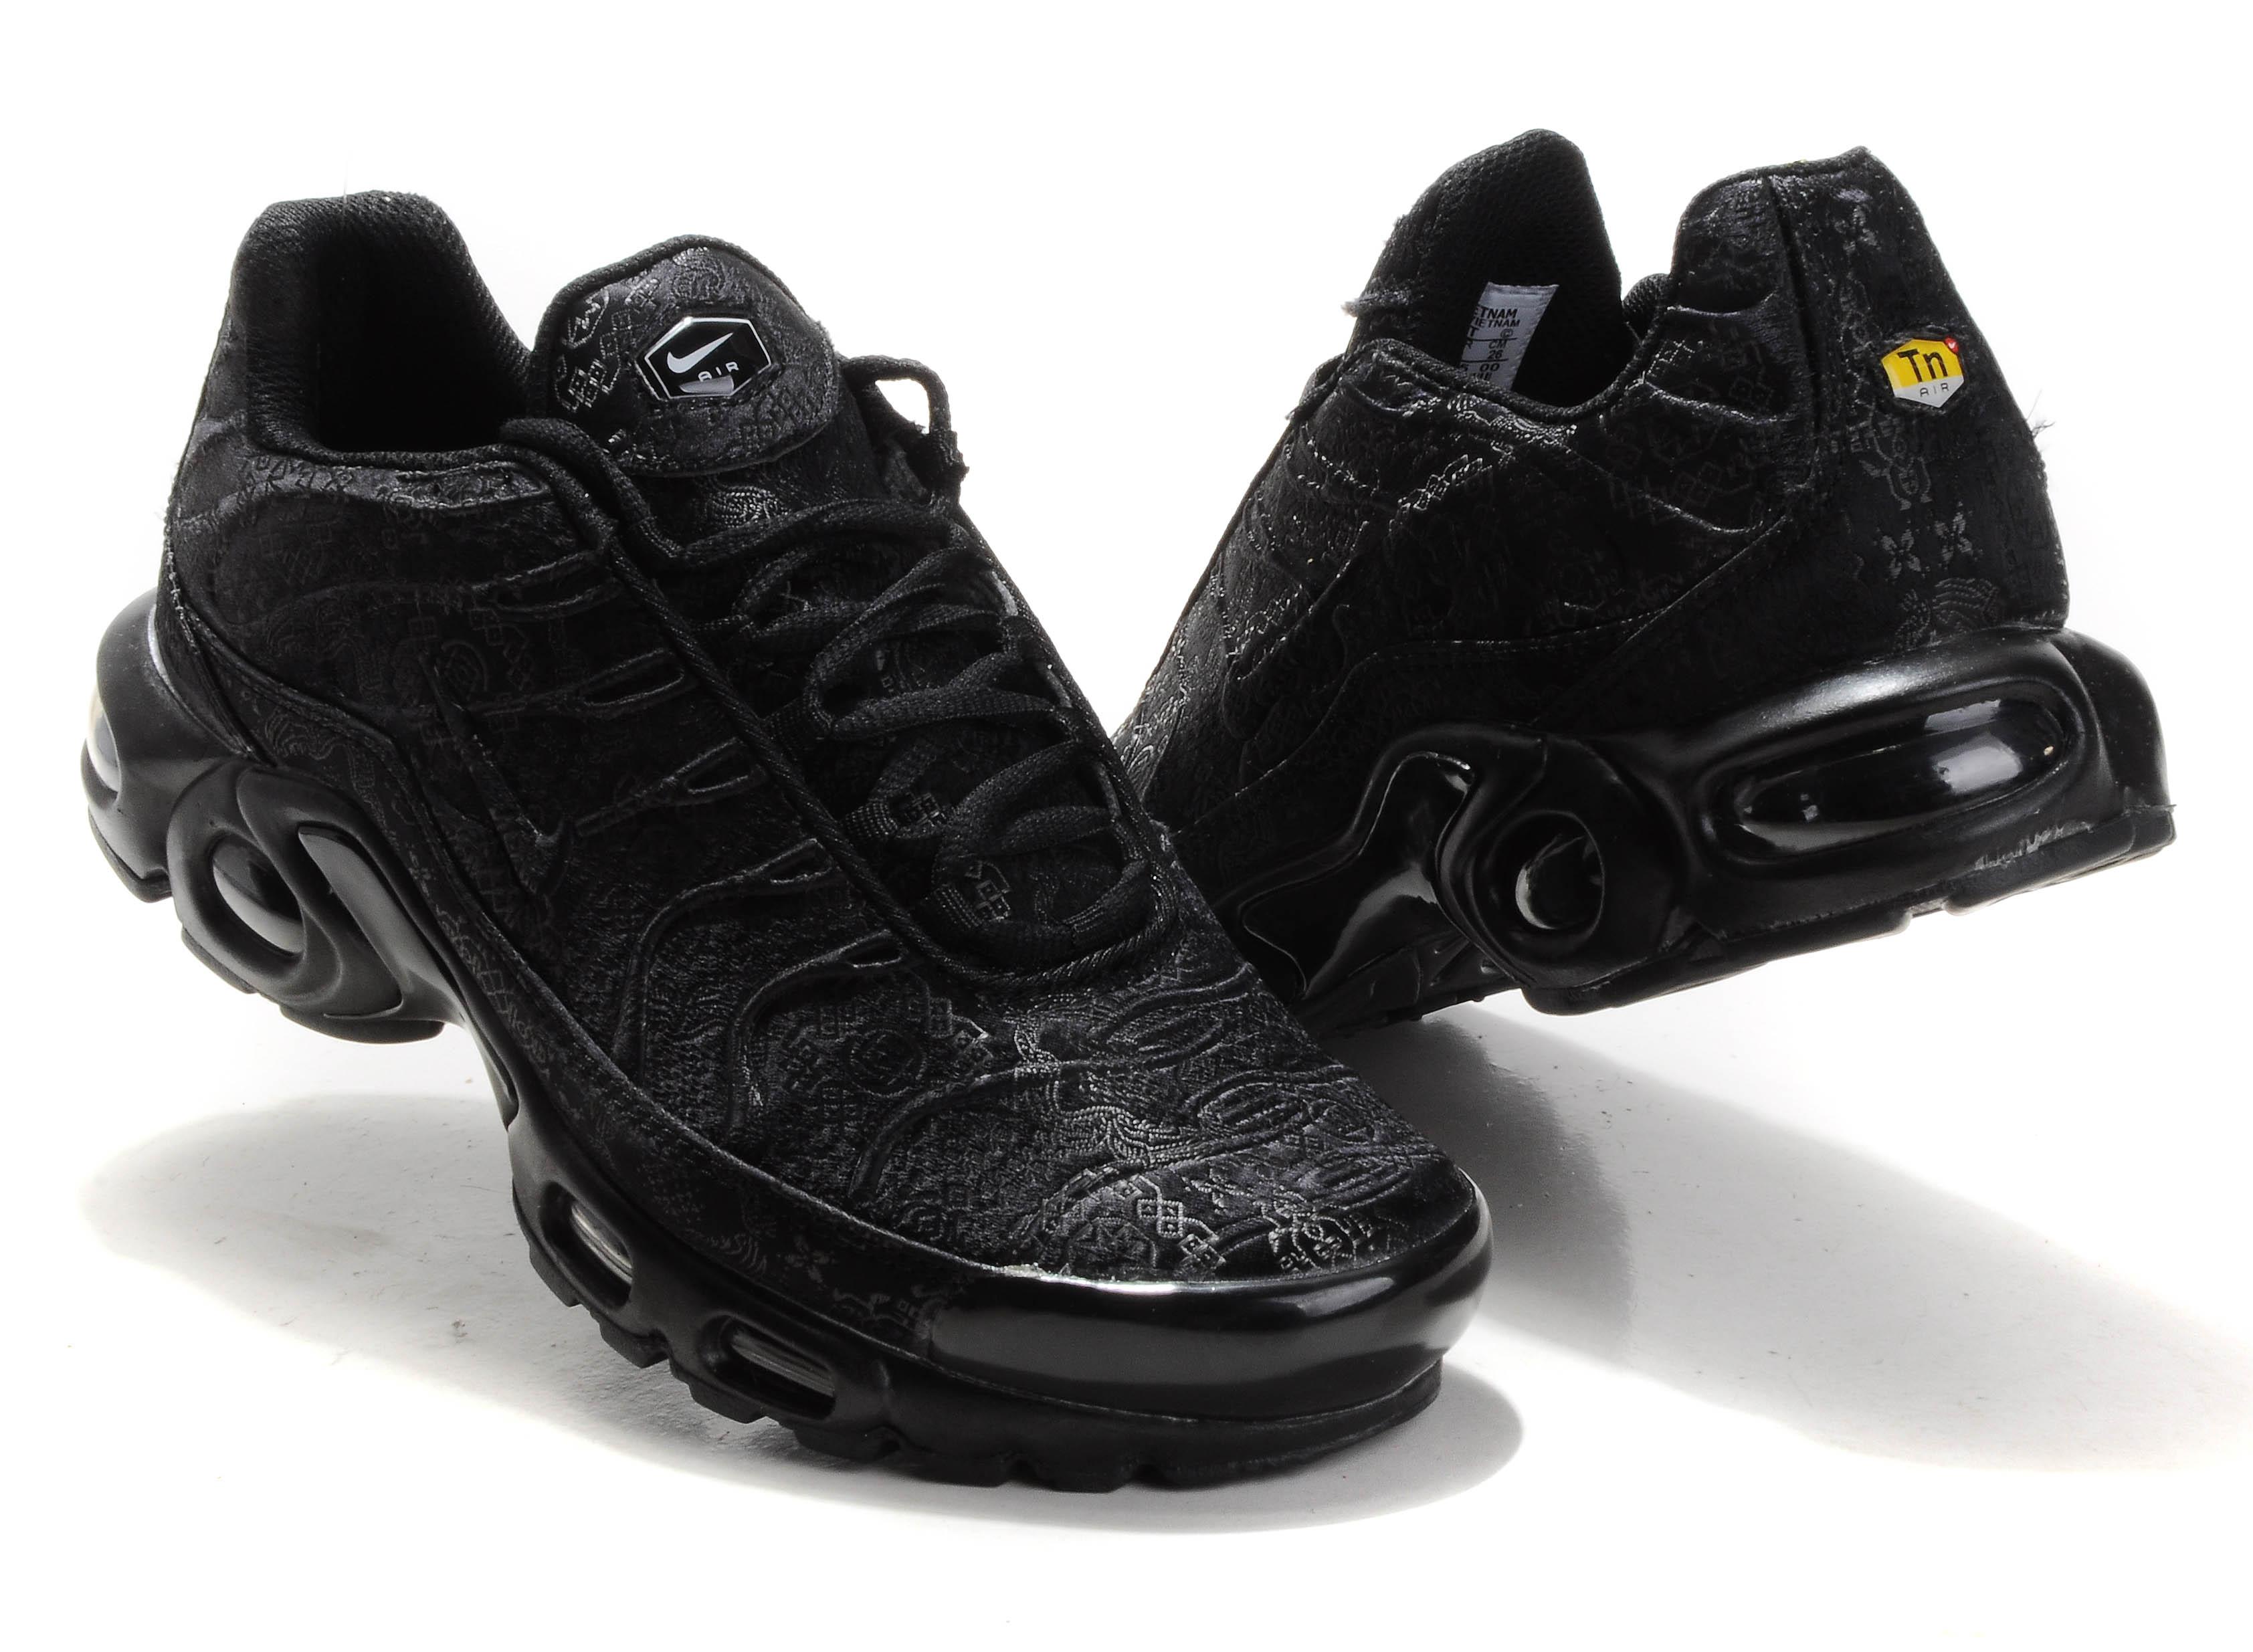 Discount Tennis Shoes Australia